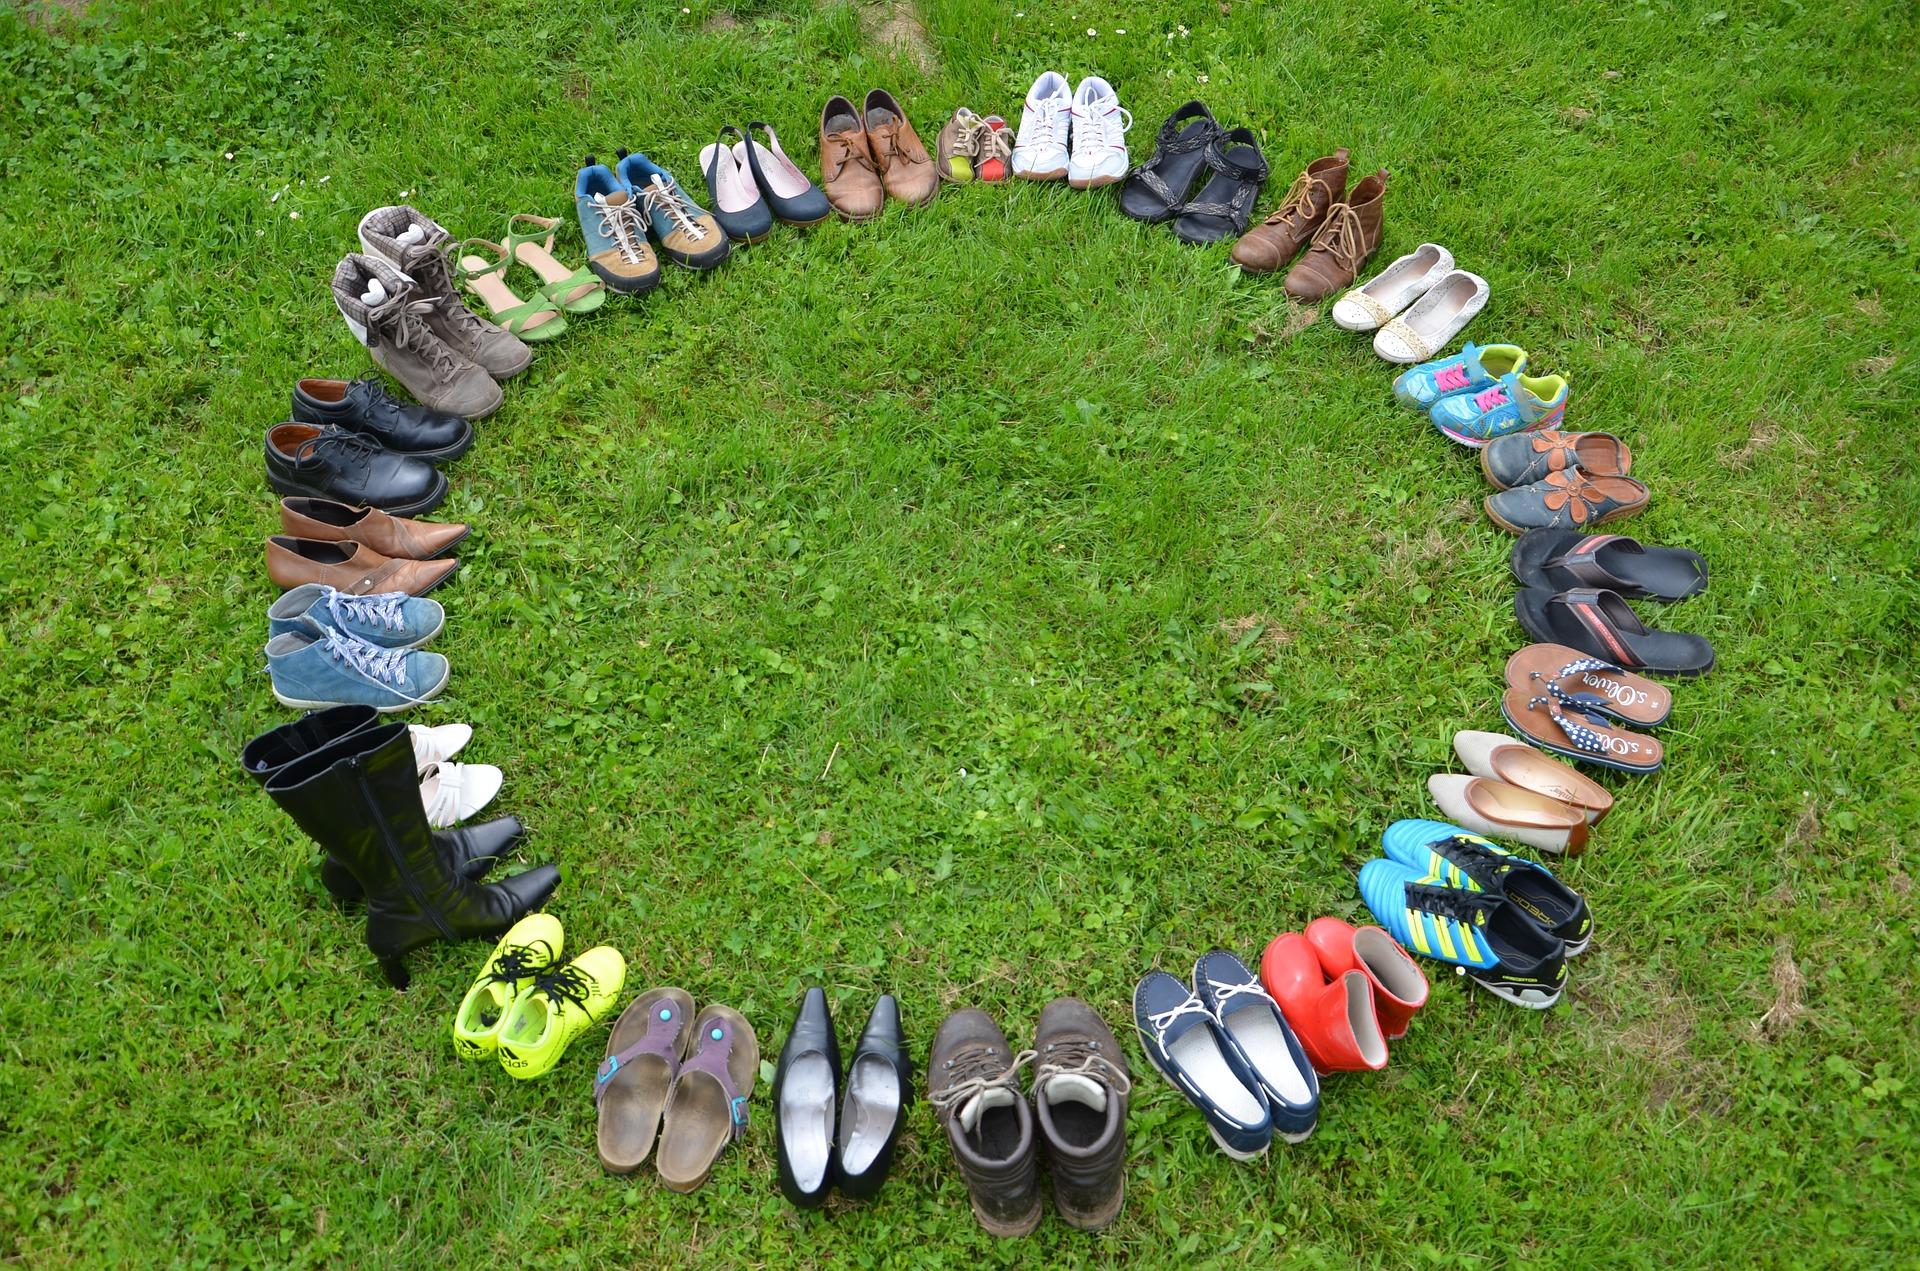 Shoes-3812791_1920